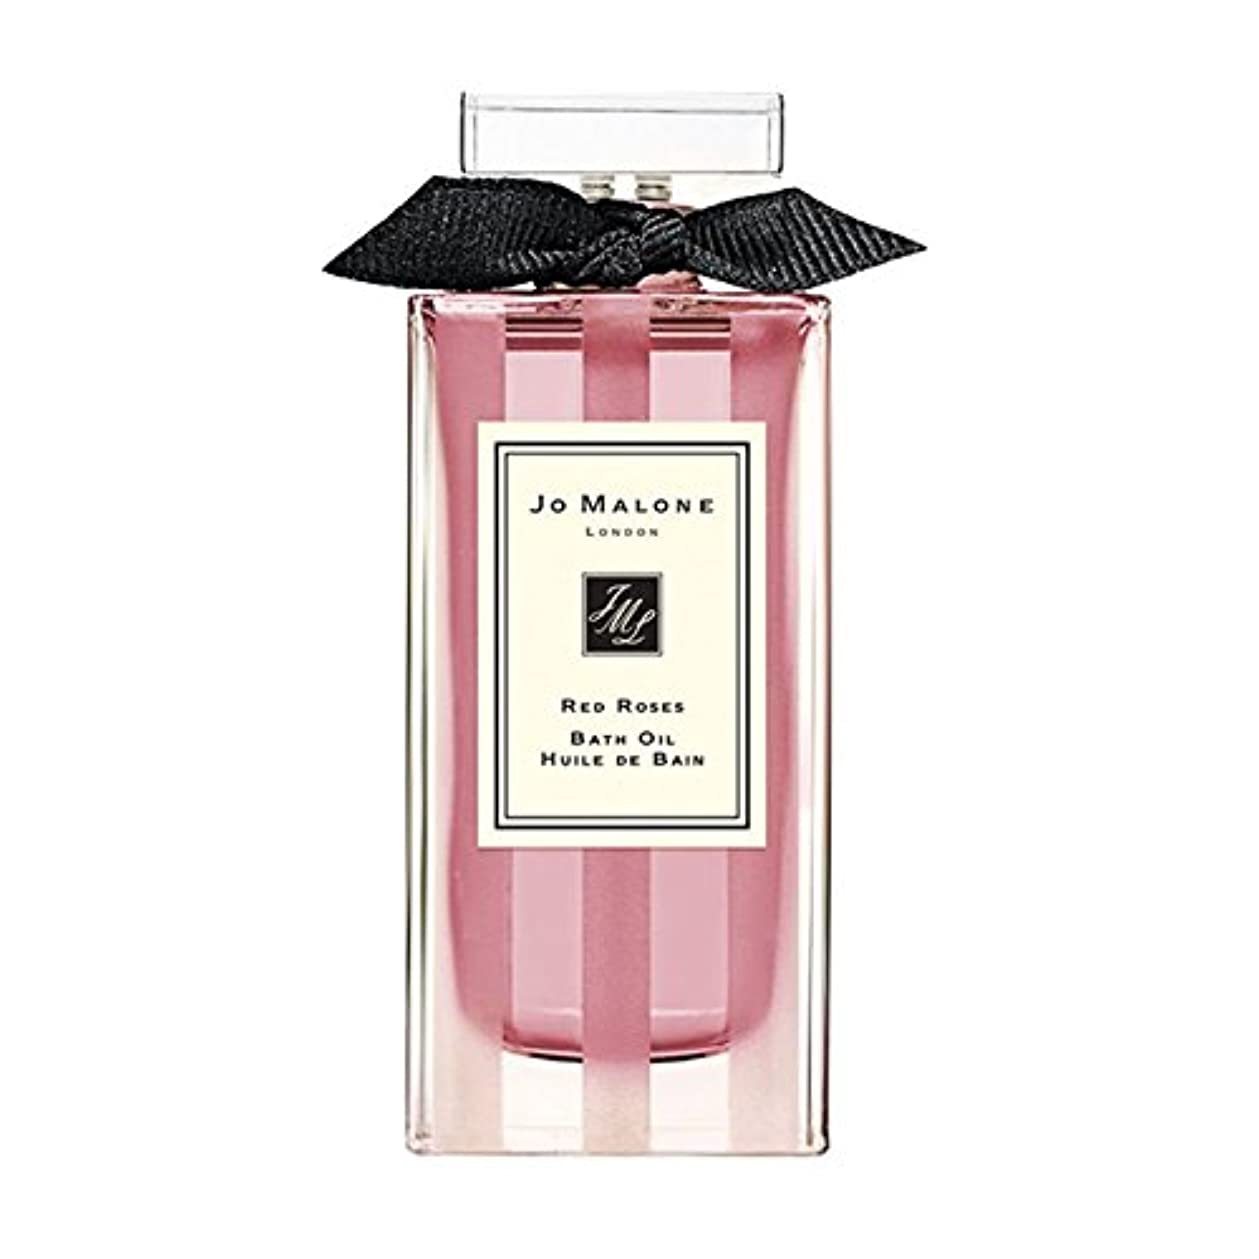 一杯テレビ乳製品Jo Maloneジョーマローン, バスオイル - 赤いバラ (30ml)  'Red Roses' Bath Oil (1oz) [海外直送品] [並行輸入品]